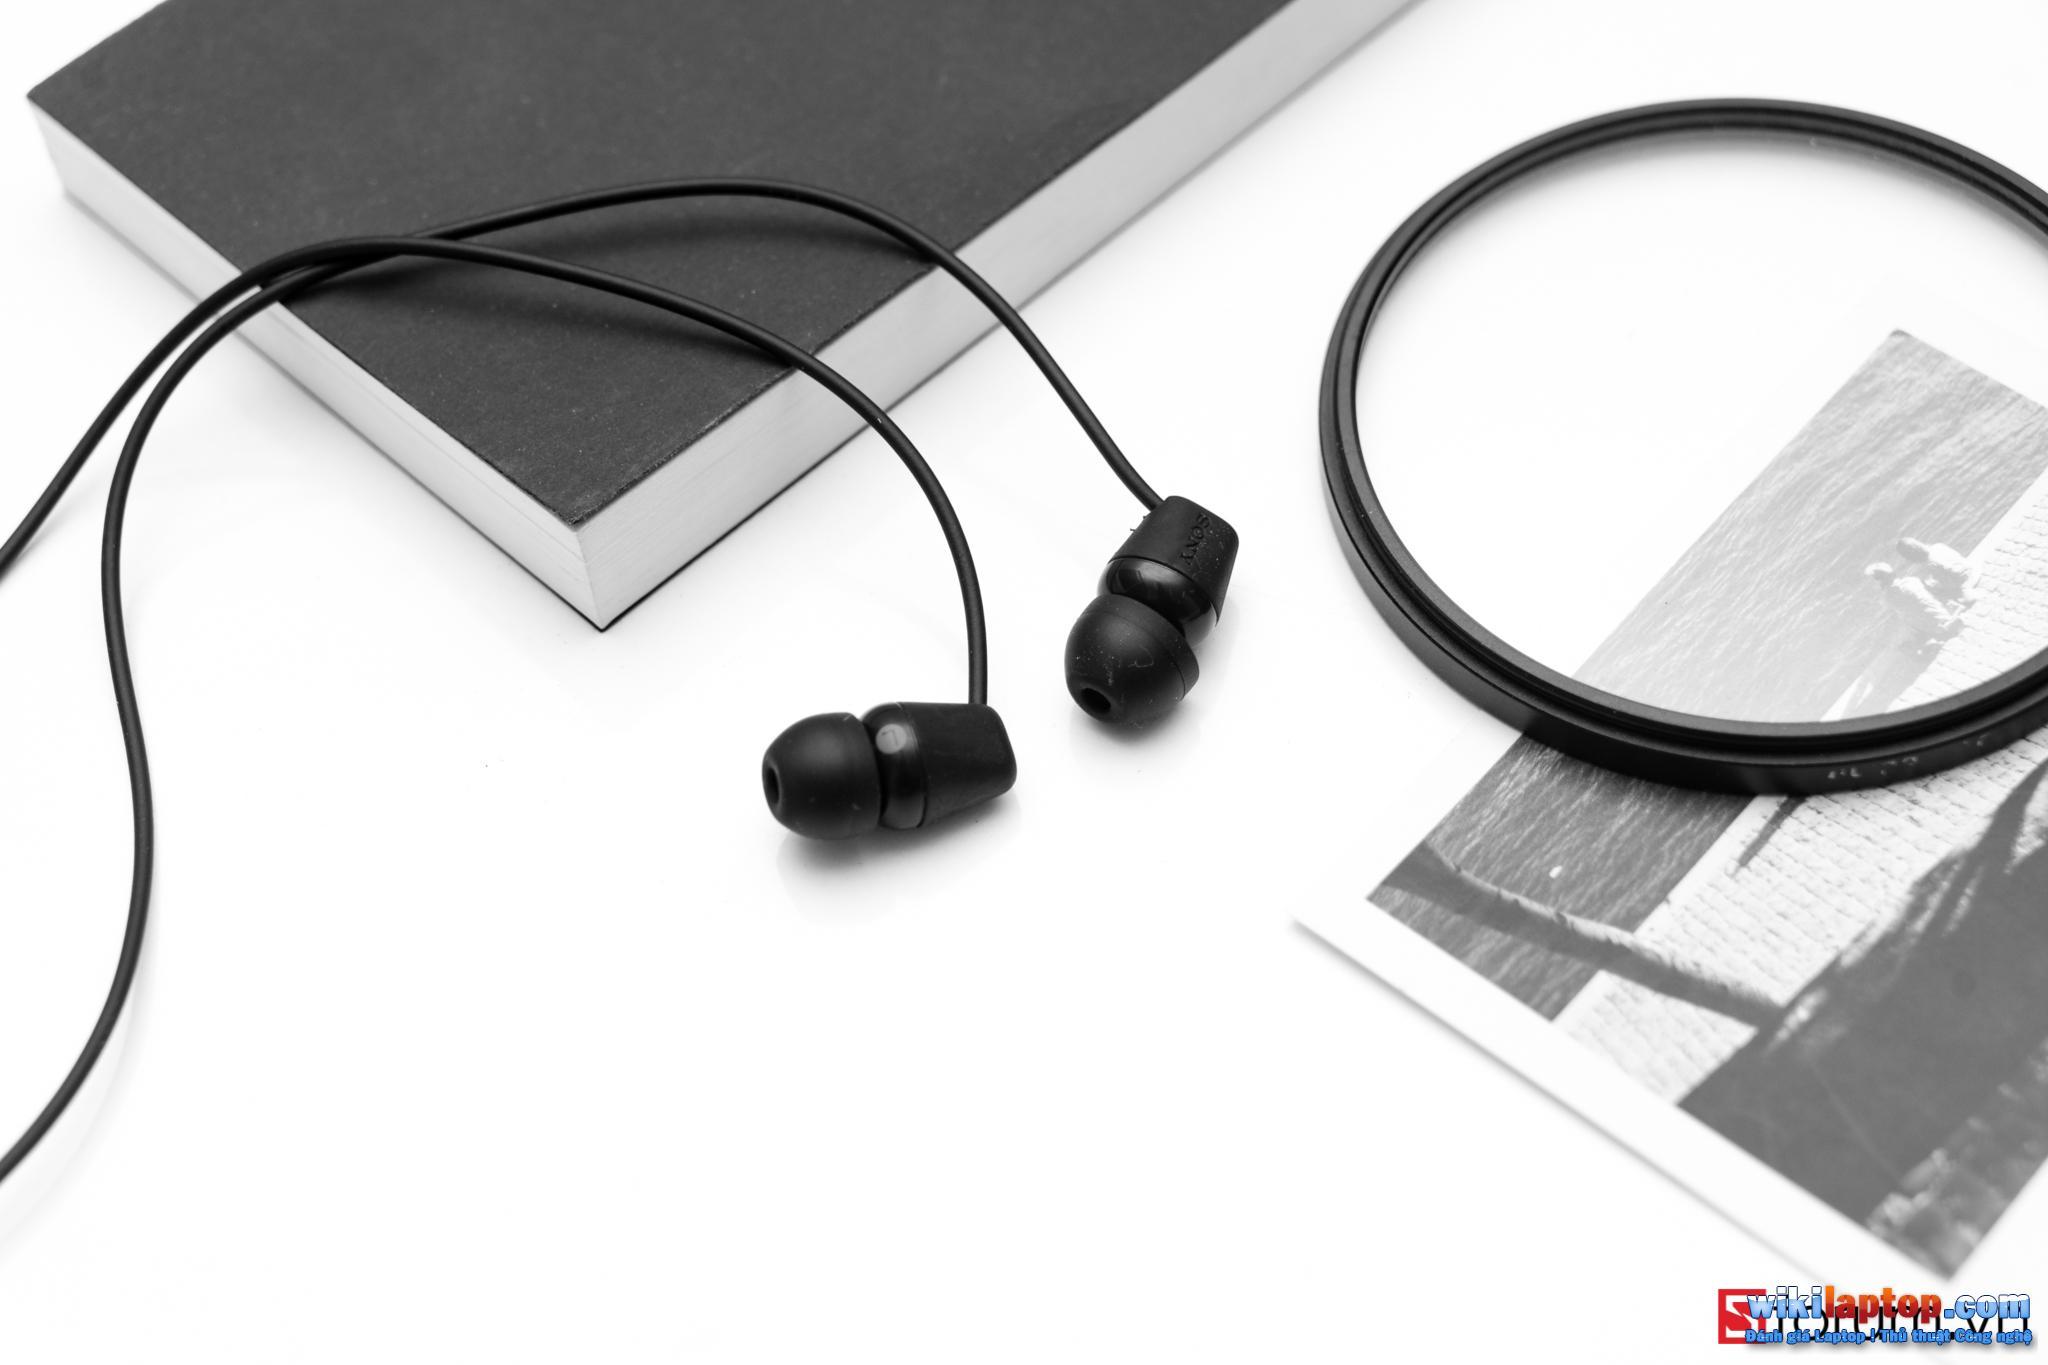 Sforum - Trang thông tin công nghệ mới nhất CPS-Sony-C200-3 Trải nghiệm SONY WI-C200: Tai nghe Bluetooth 5.0, hỗ trợ sạc nhanh, pin 12 giờ và chỉ 990.000 đồng